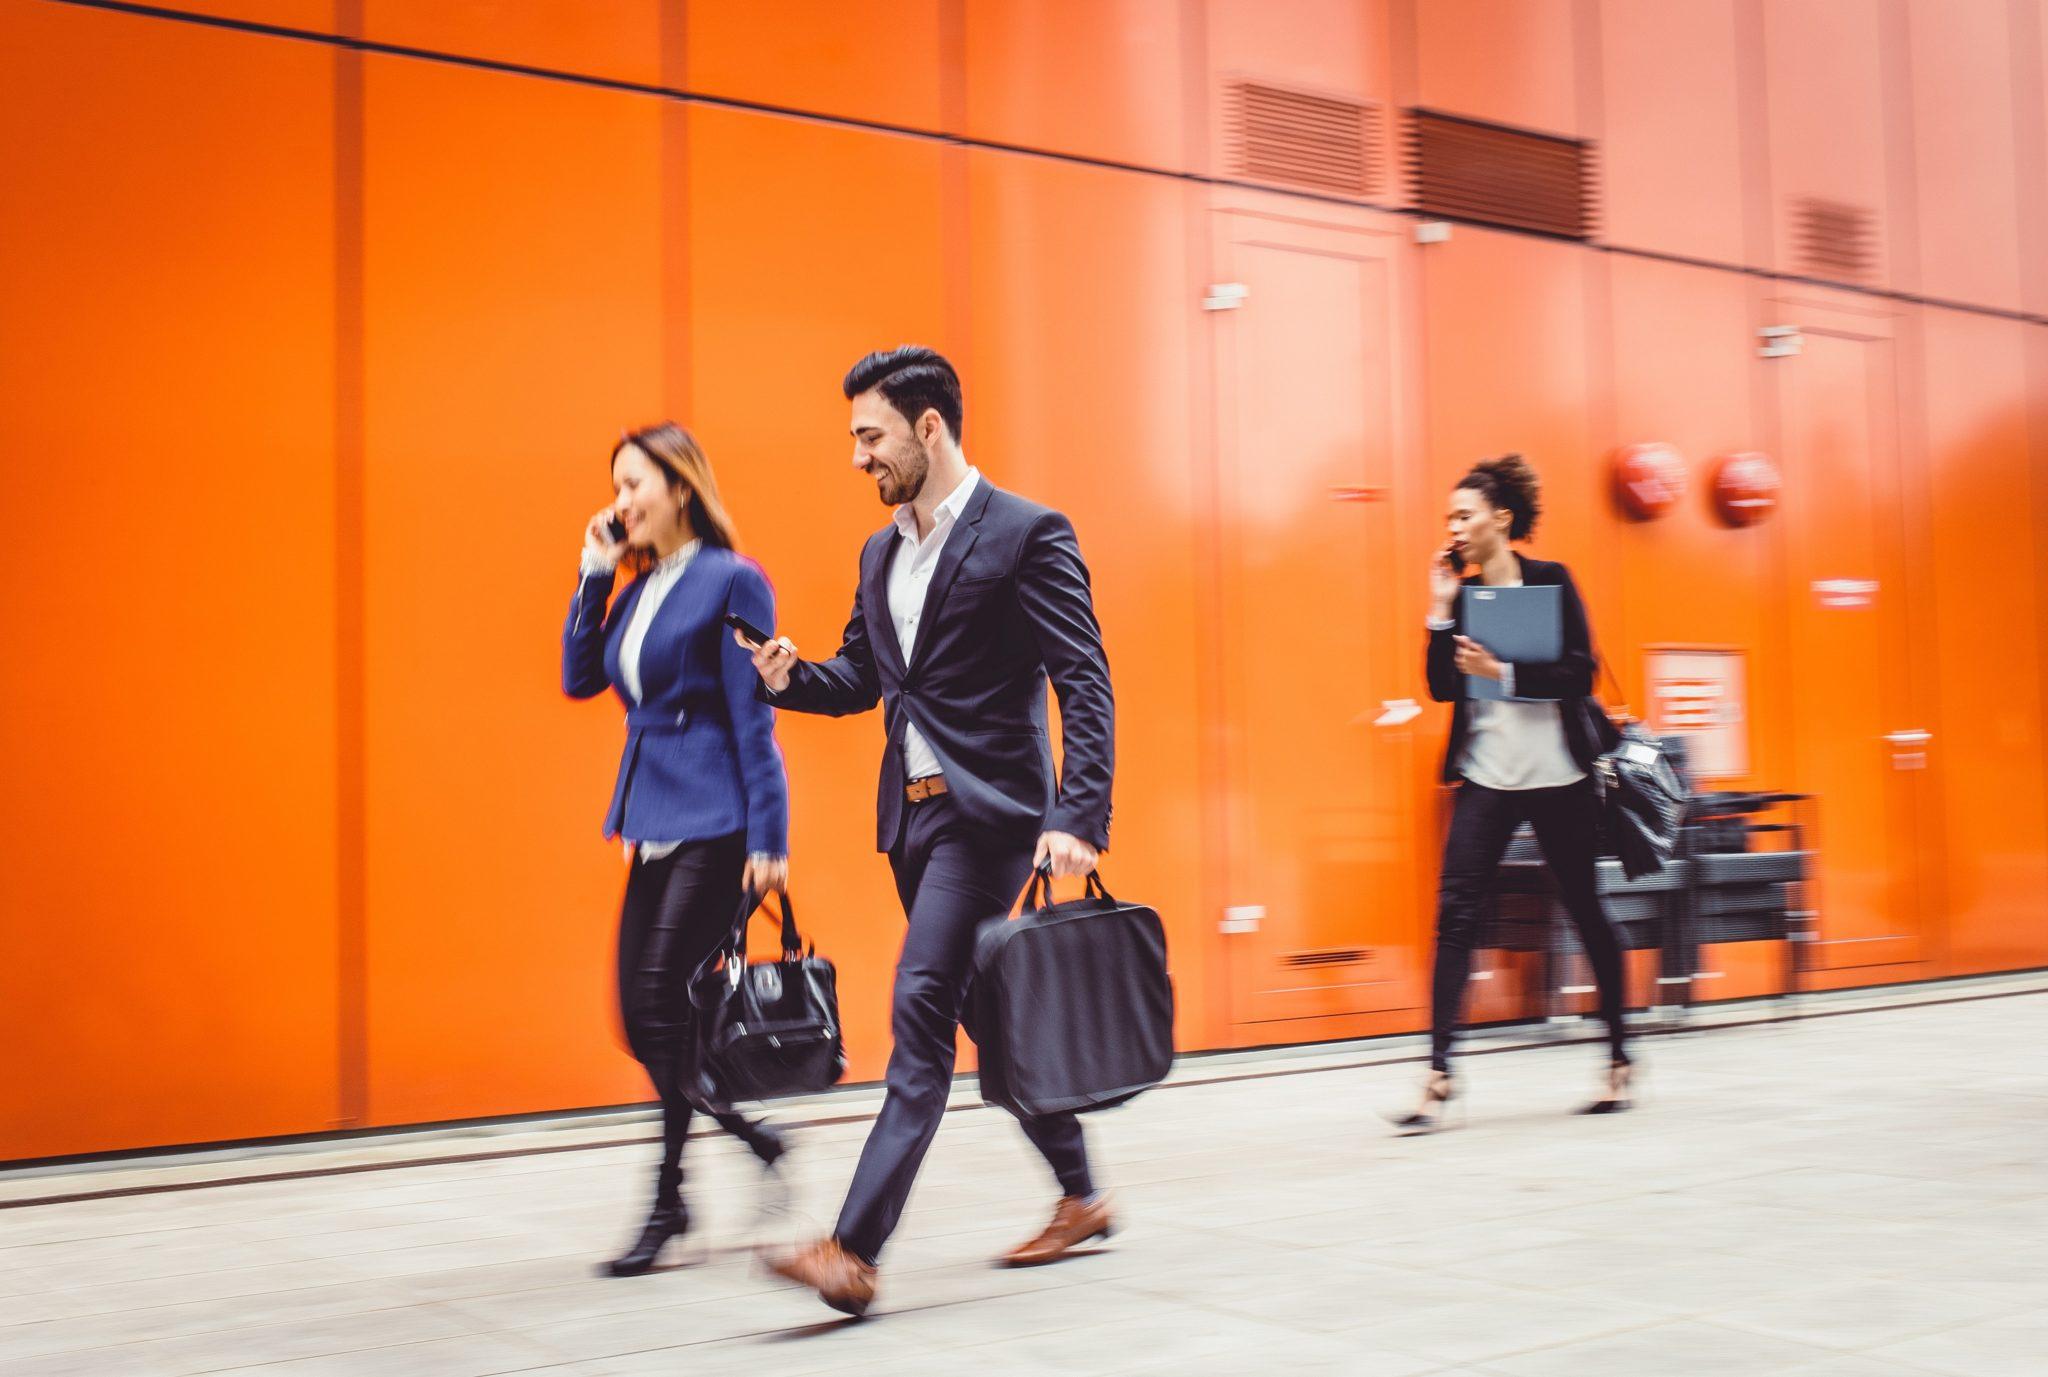 GEN_business_people_walking